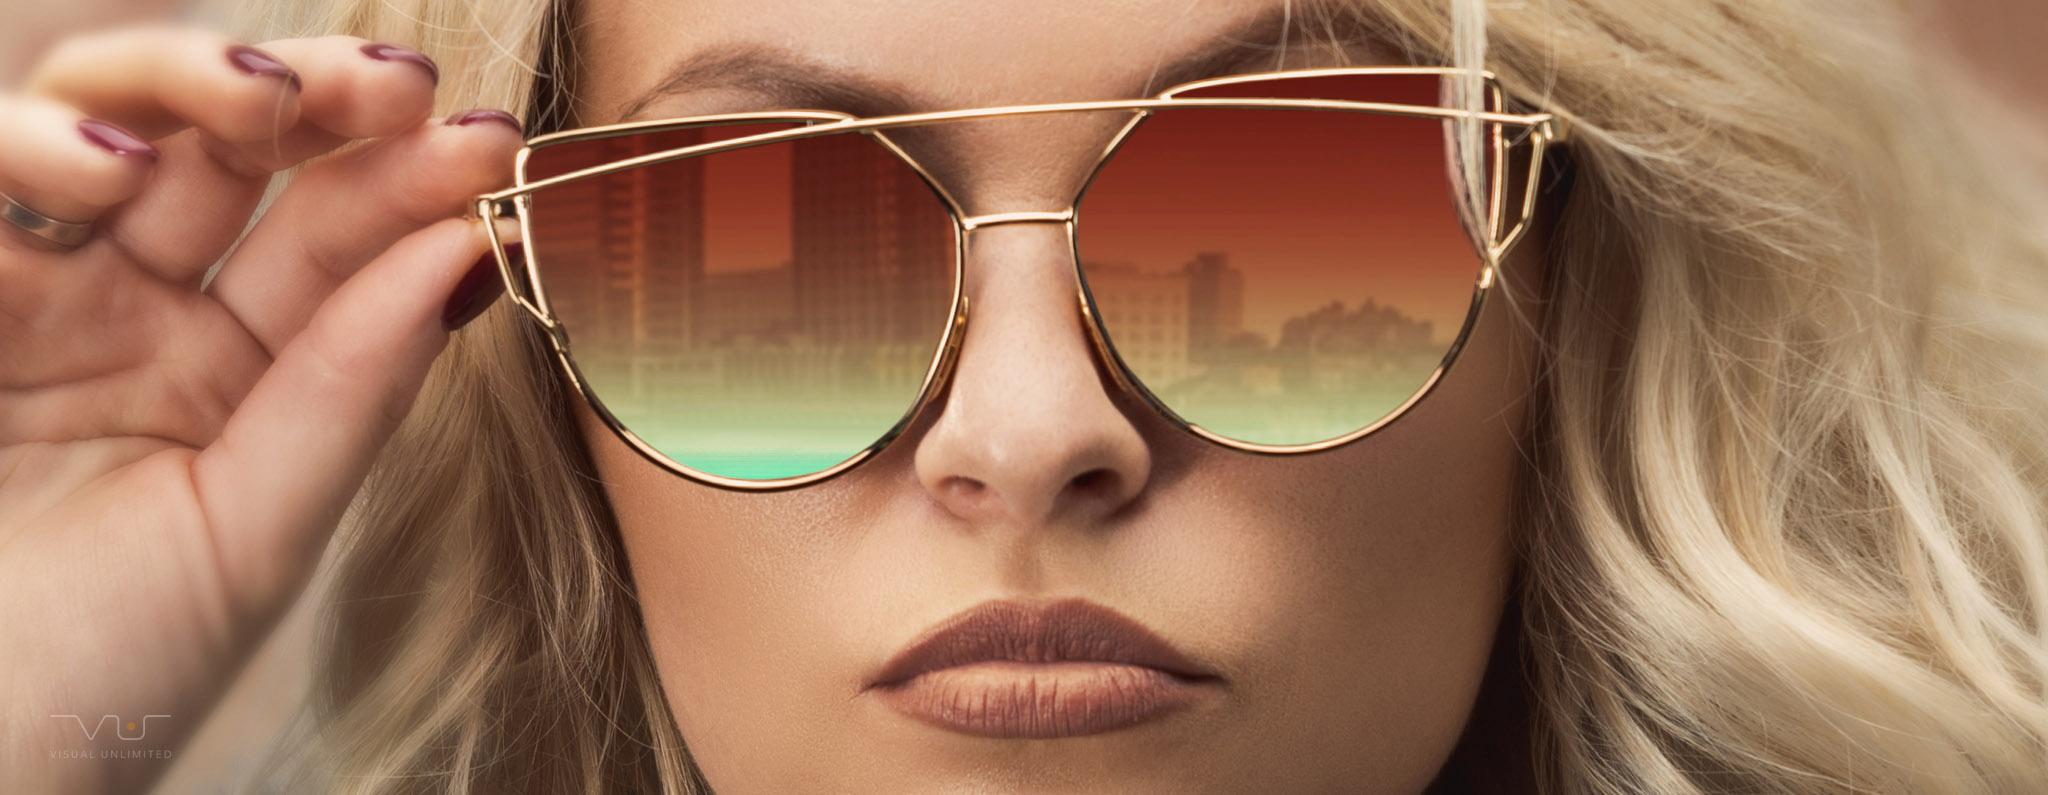 Bilder VU Header Photography 13 Sonnenbrillen - Sunglasses